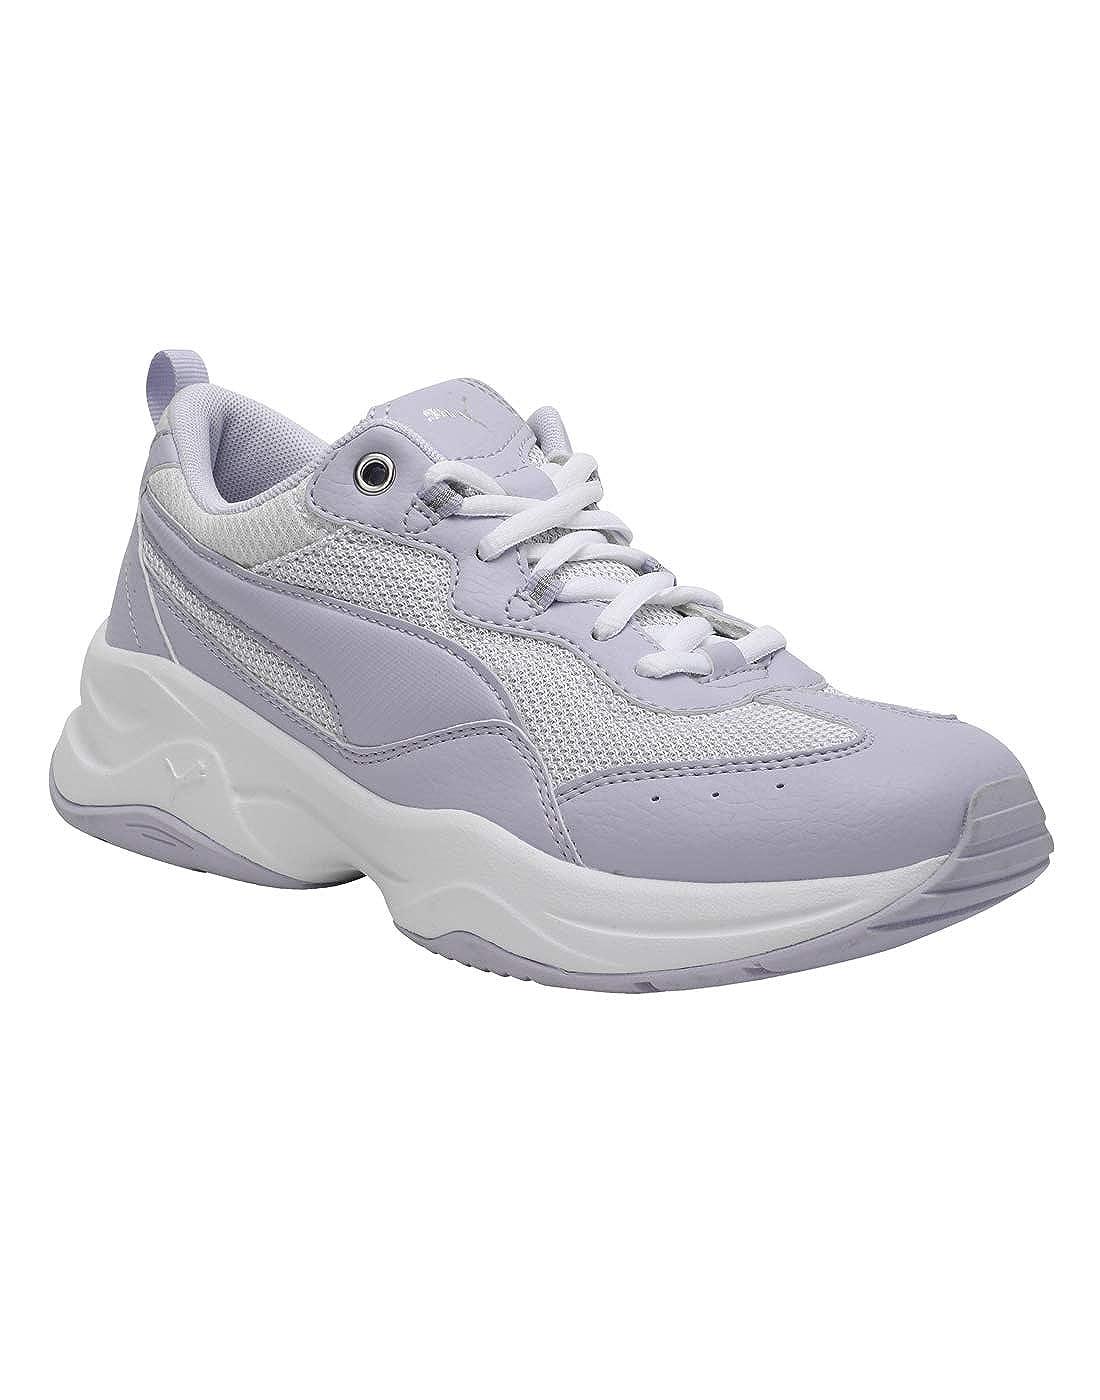 Buy Puma Women's Cilia Sneaker at Amazon.in